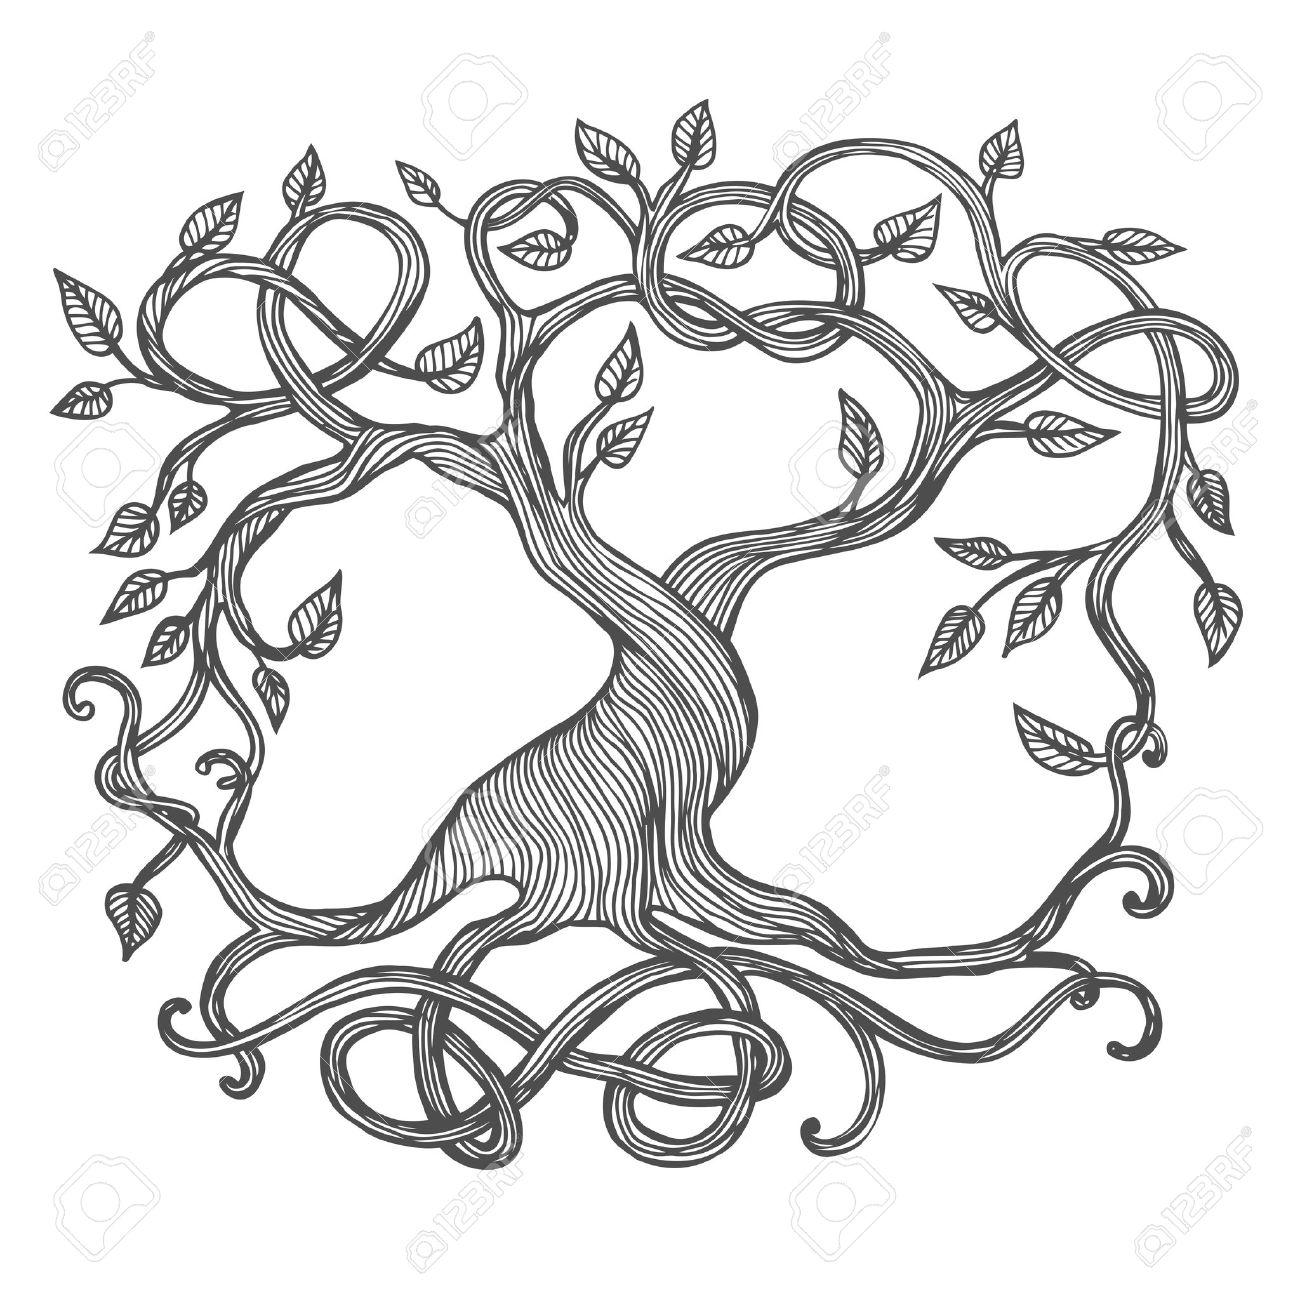 ケルト生命の樹ユグドラシルのイラストのイラスト素材ベクタ Image